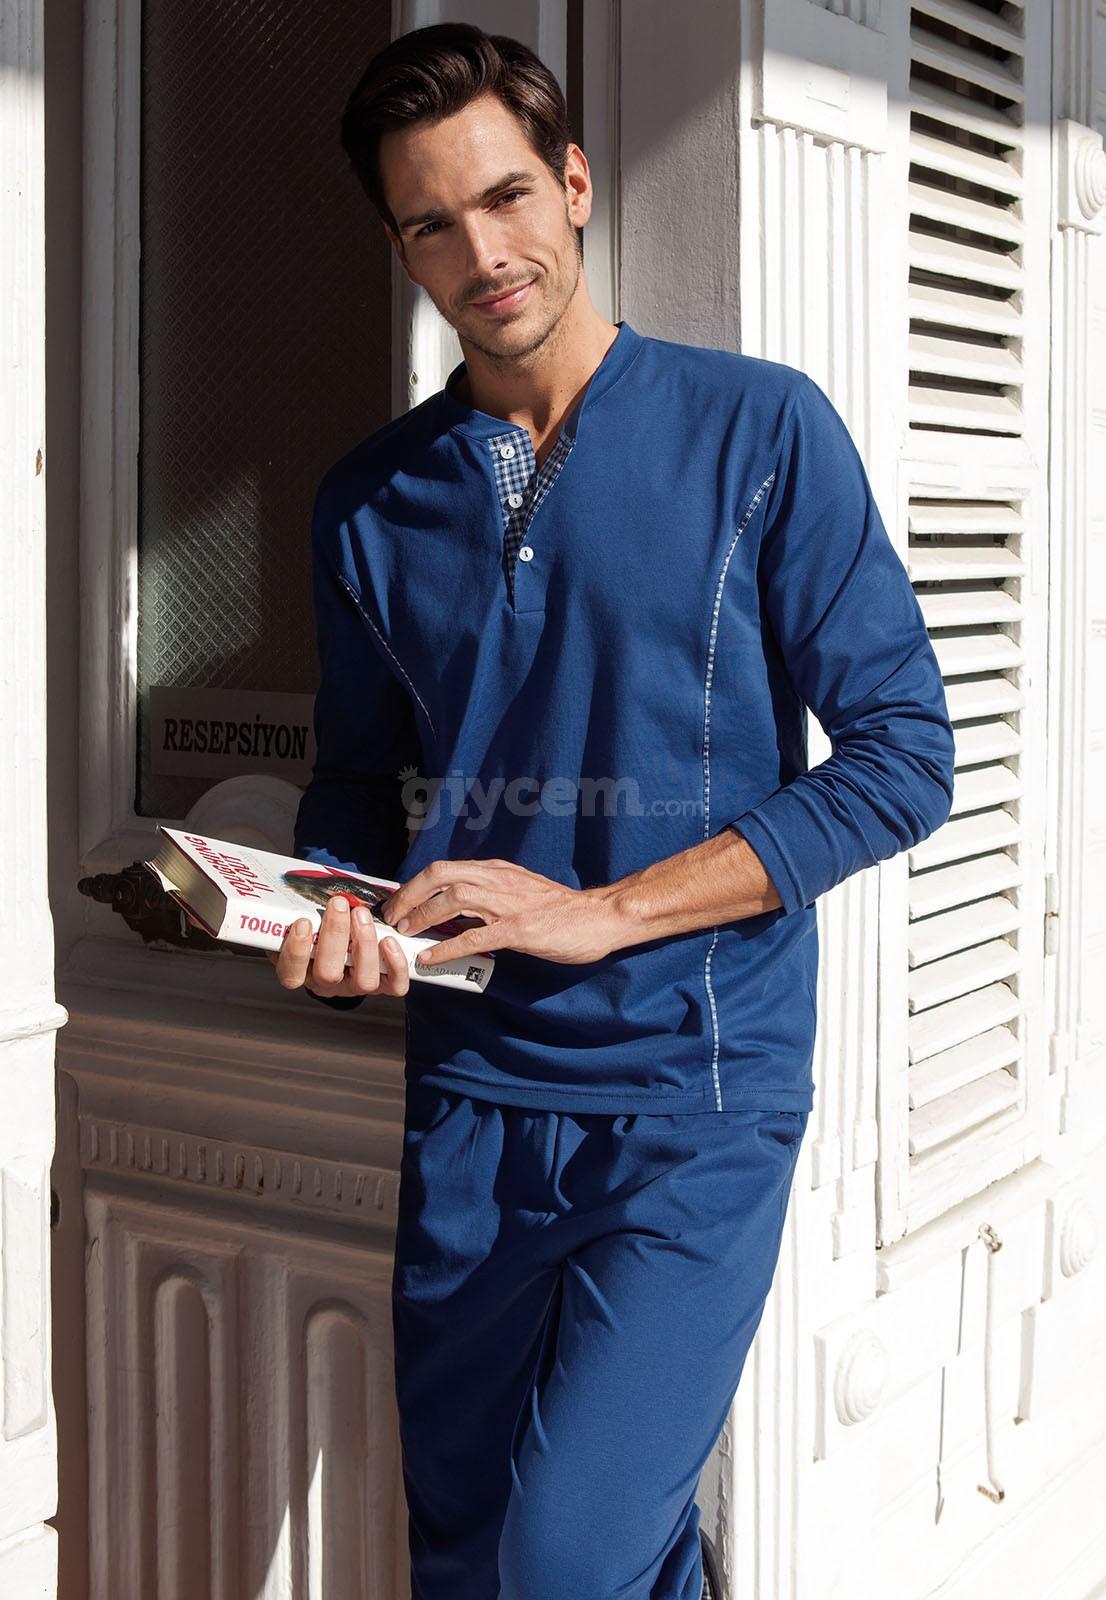 Yeni İnci EPJ452 Erkek Pijama Süprem 2'Li Takım